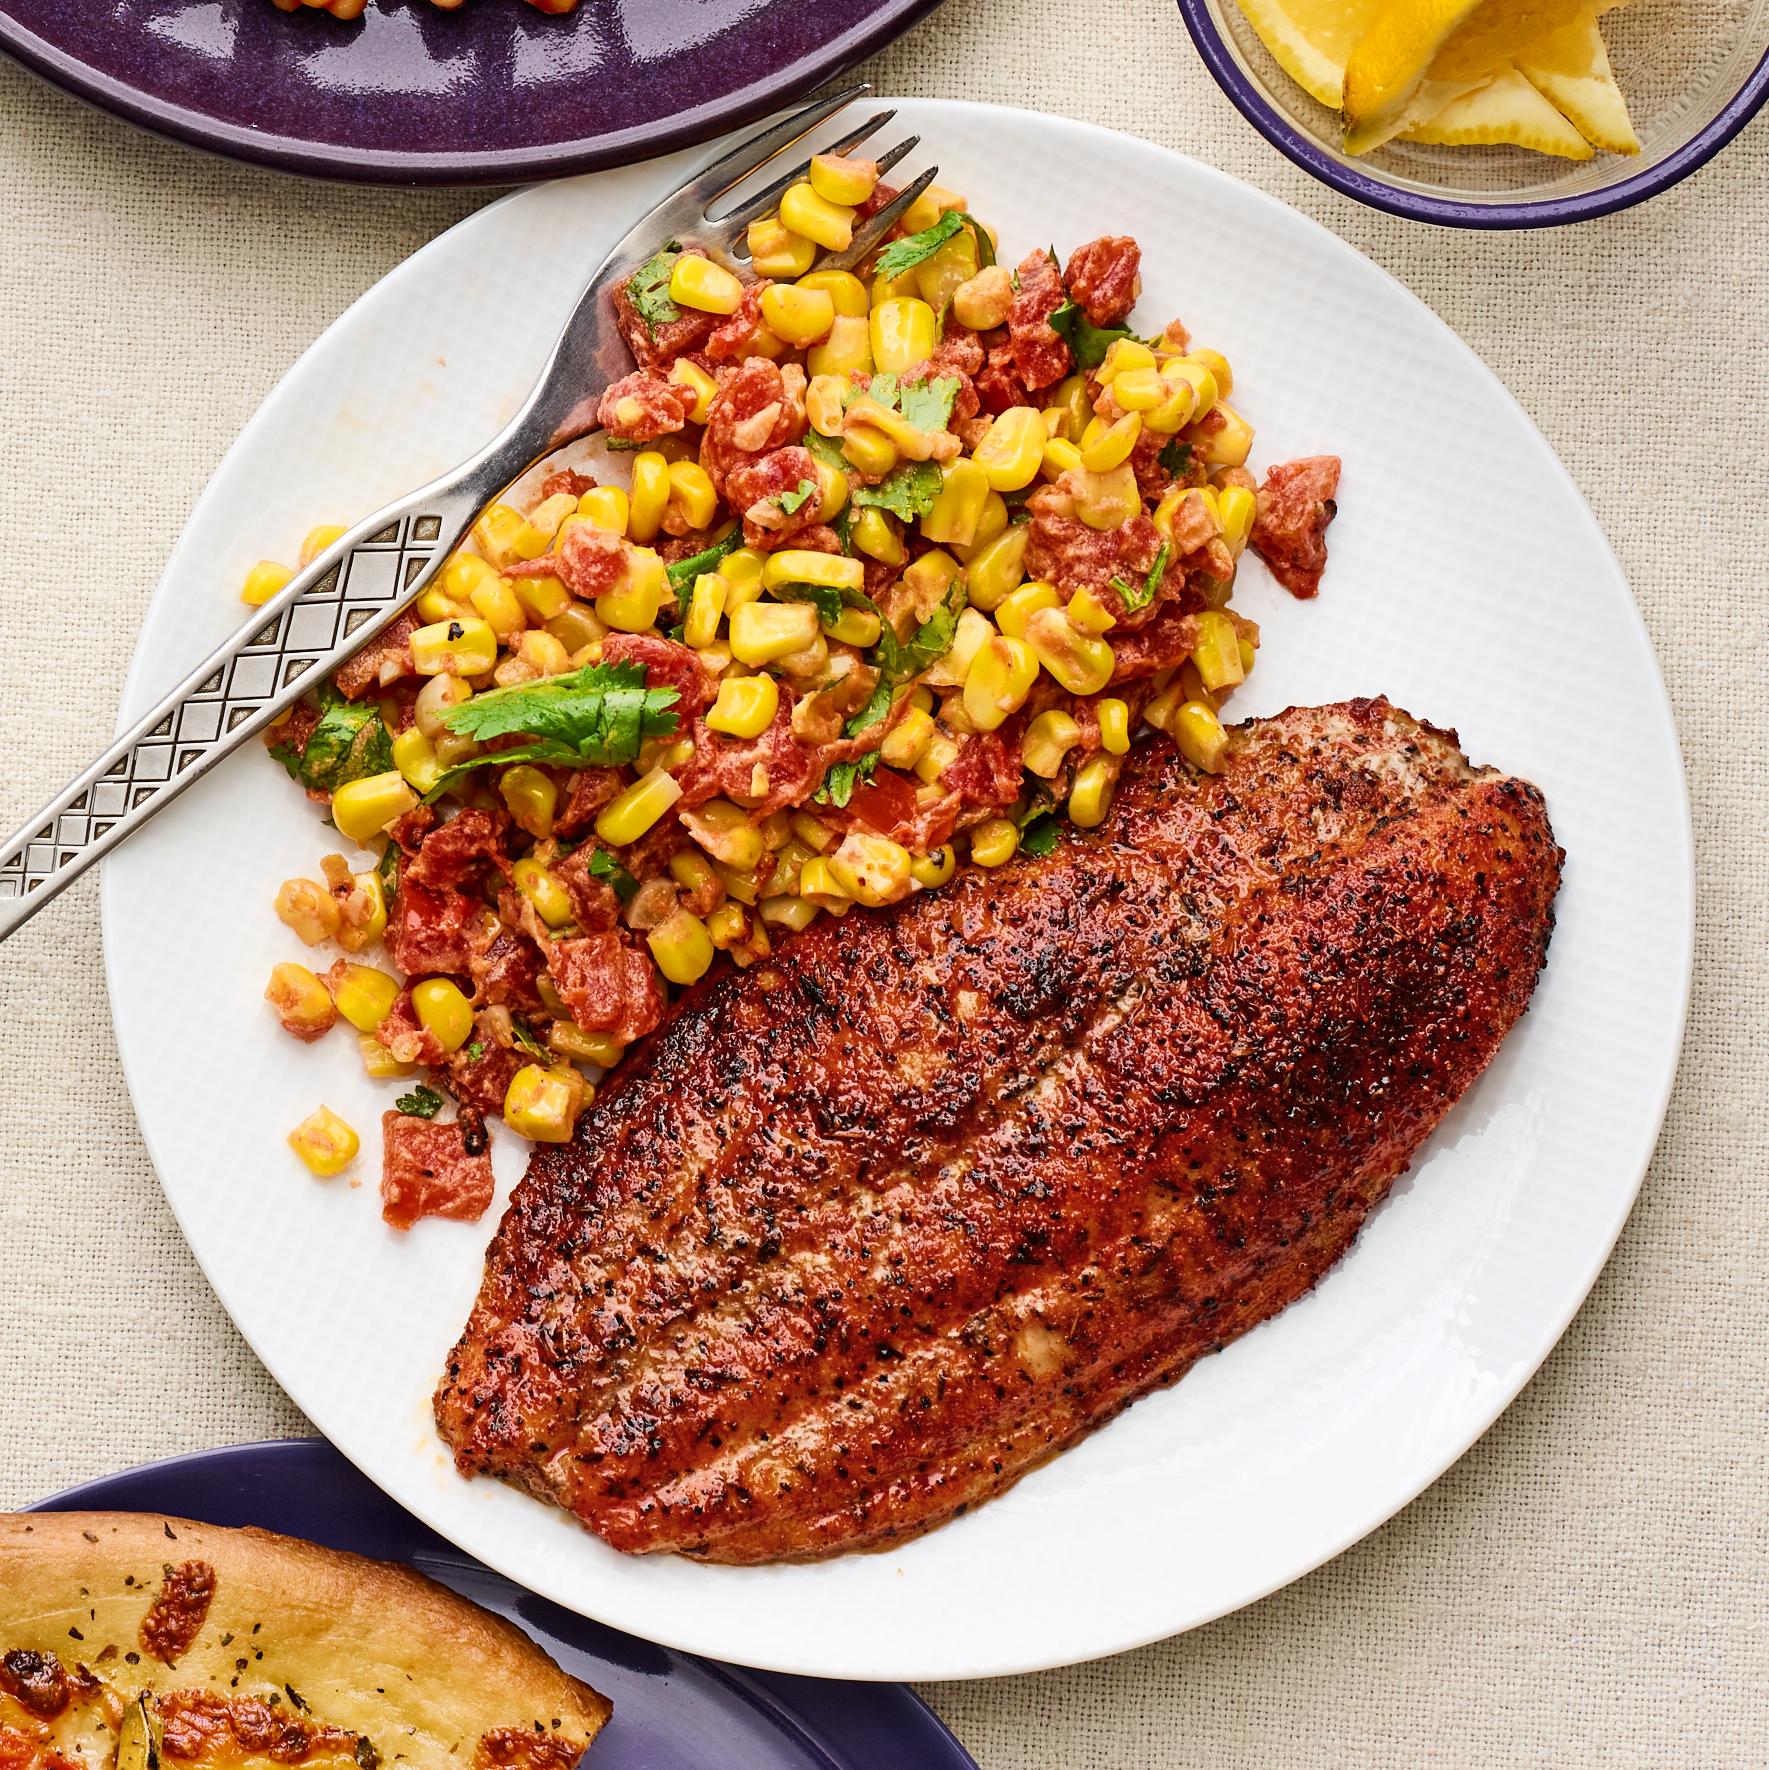 cajun catfish with corn sauté